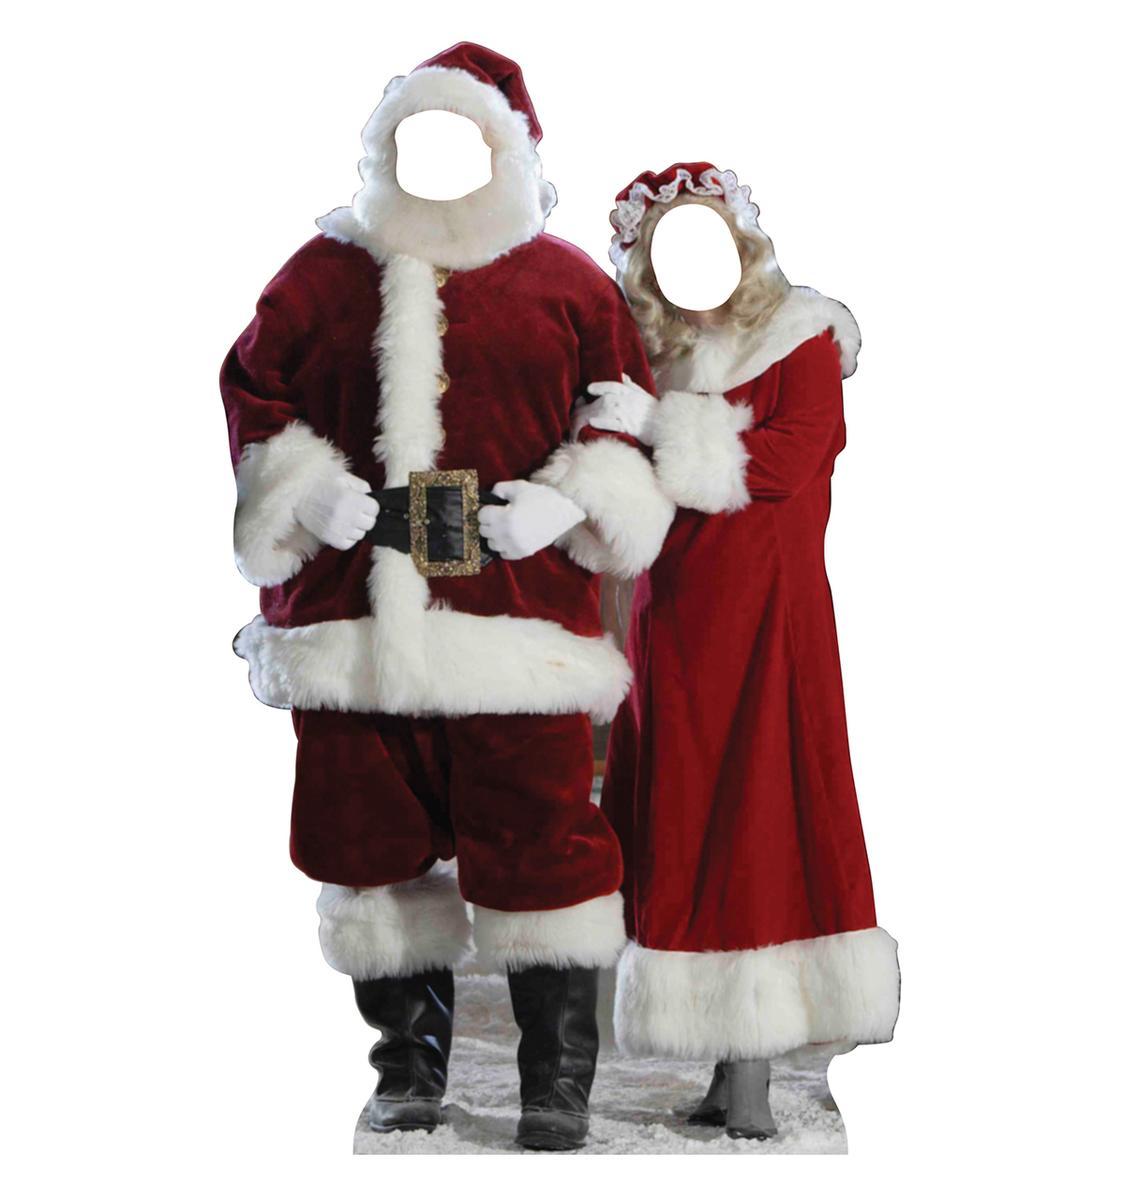 顔ハメ看板 顔出しパネル サンタクロース ペア カップル クリスマス 飾り 等身大パネル インテリア デコレーション